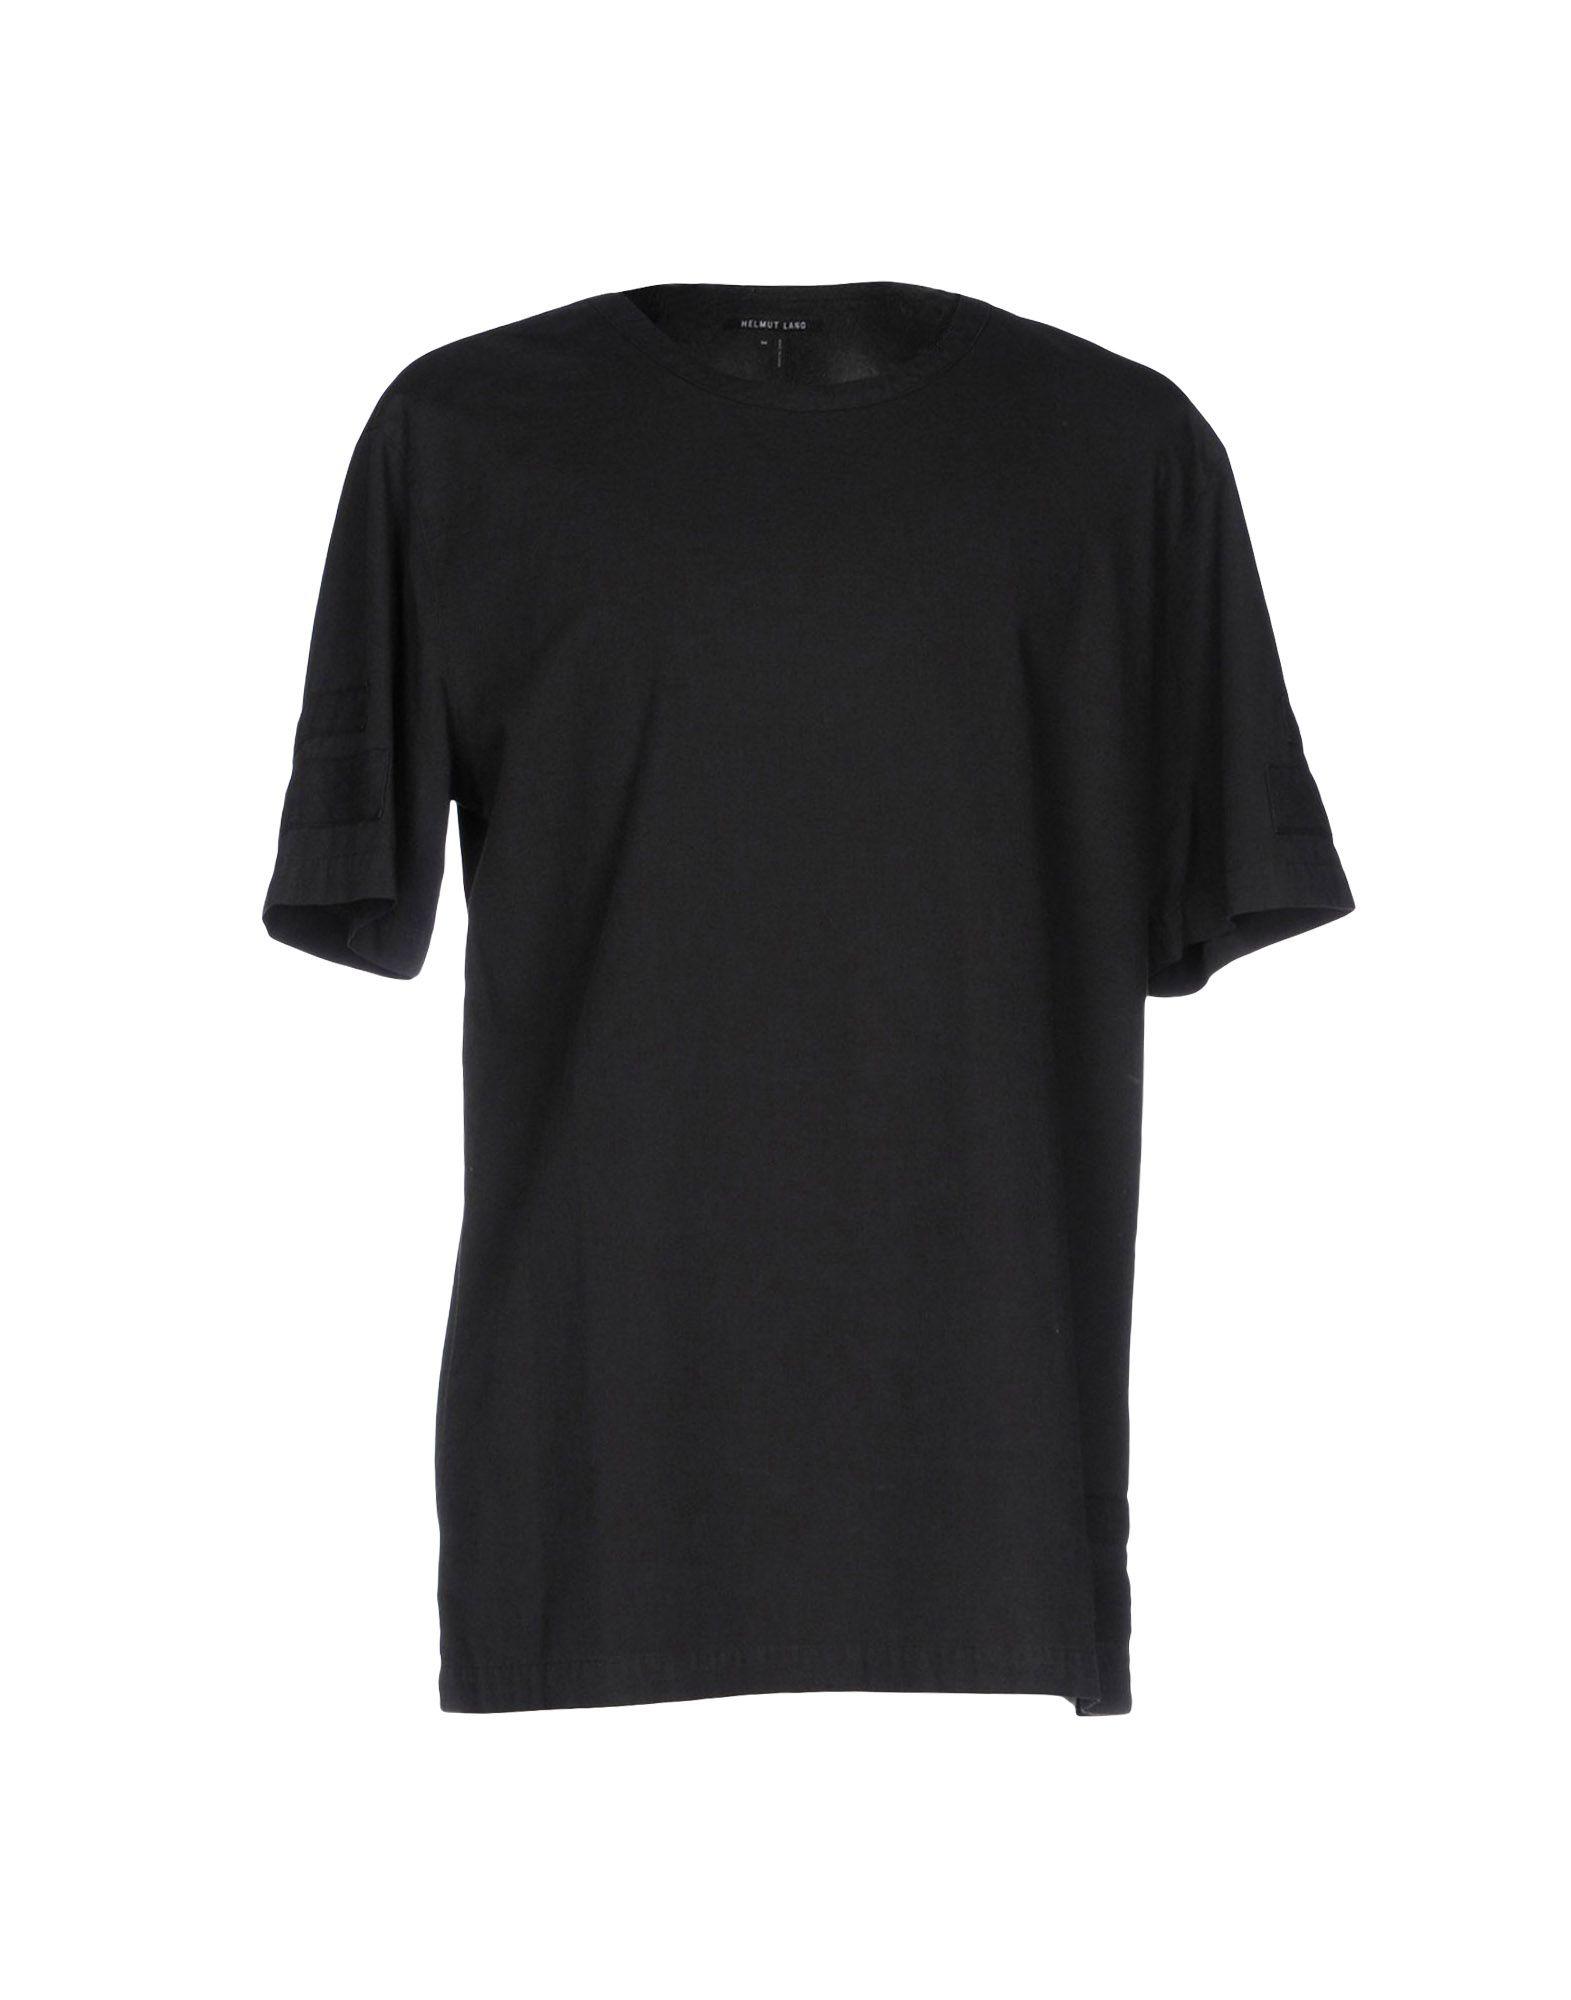 HELMUT LANG Herren Hemd Farbe Schwarz Größe 5 - broschei